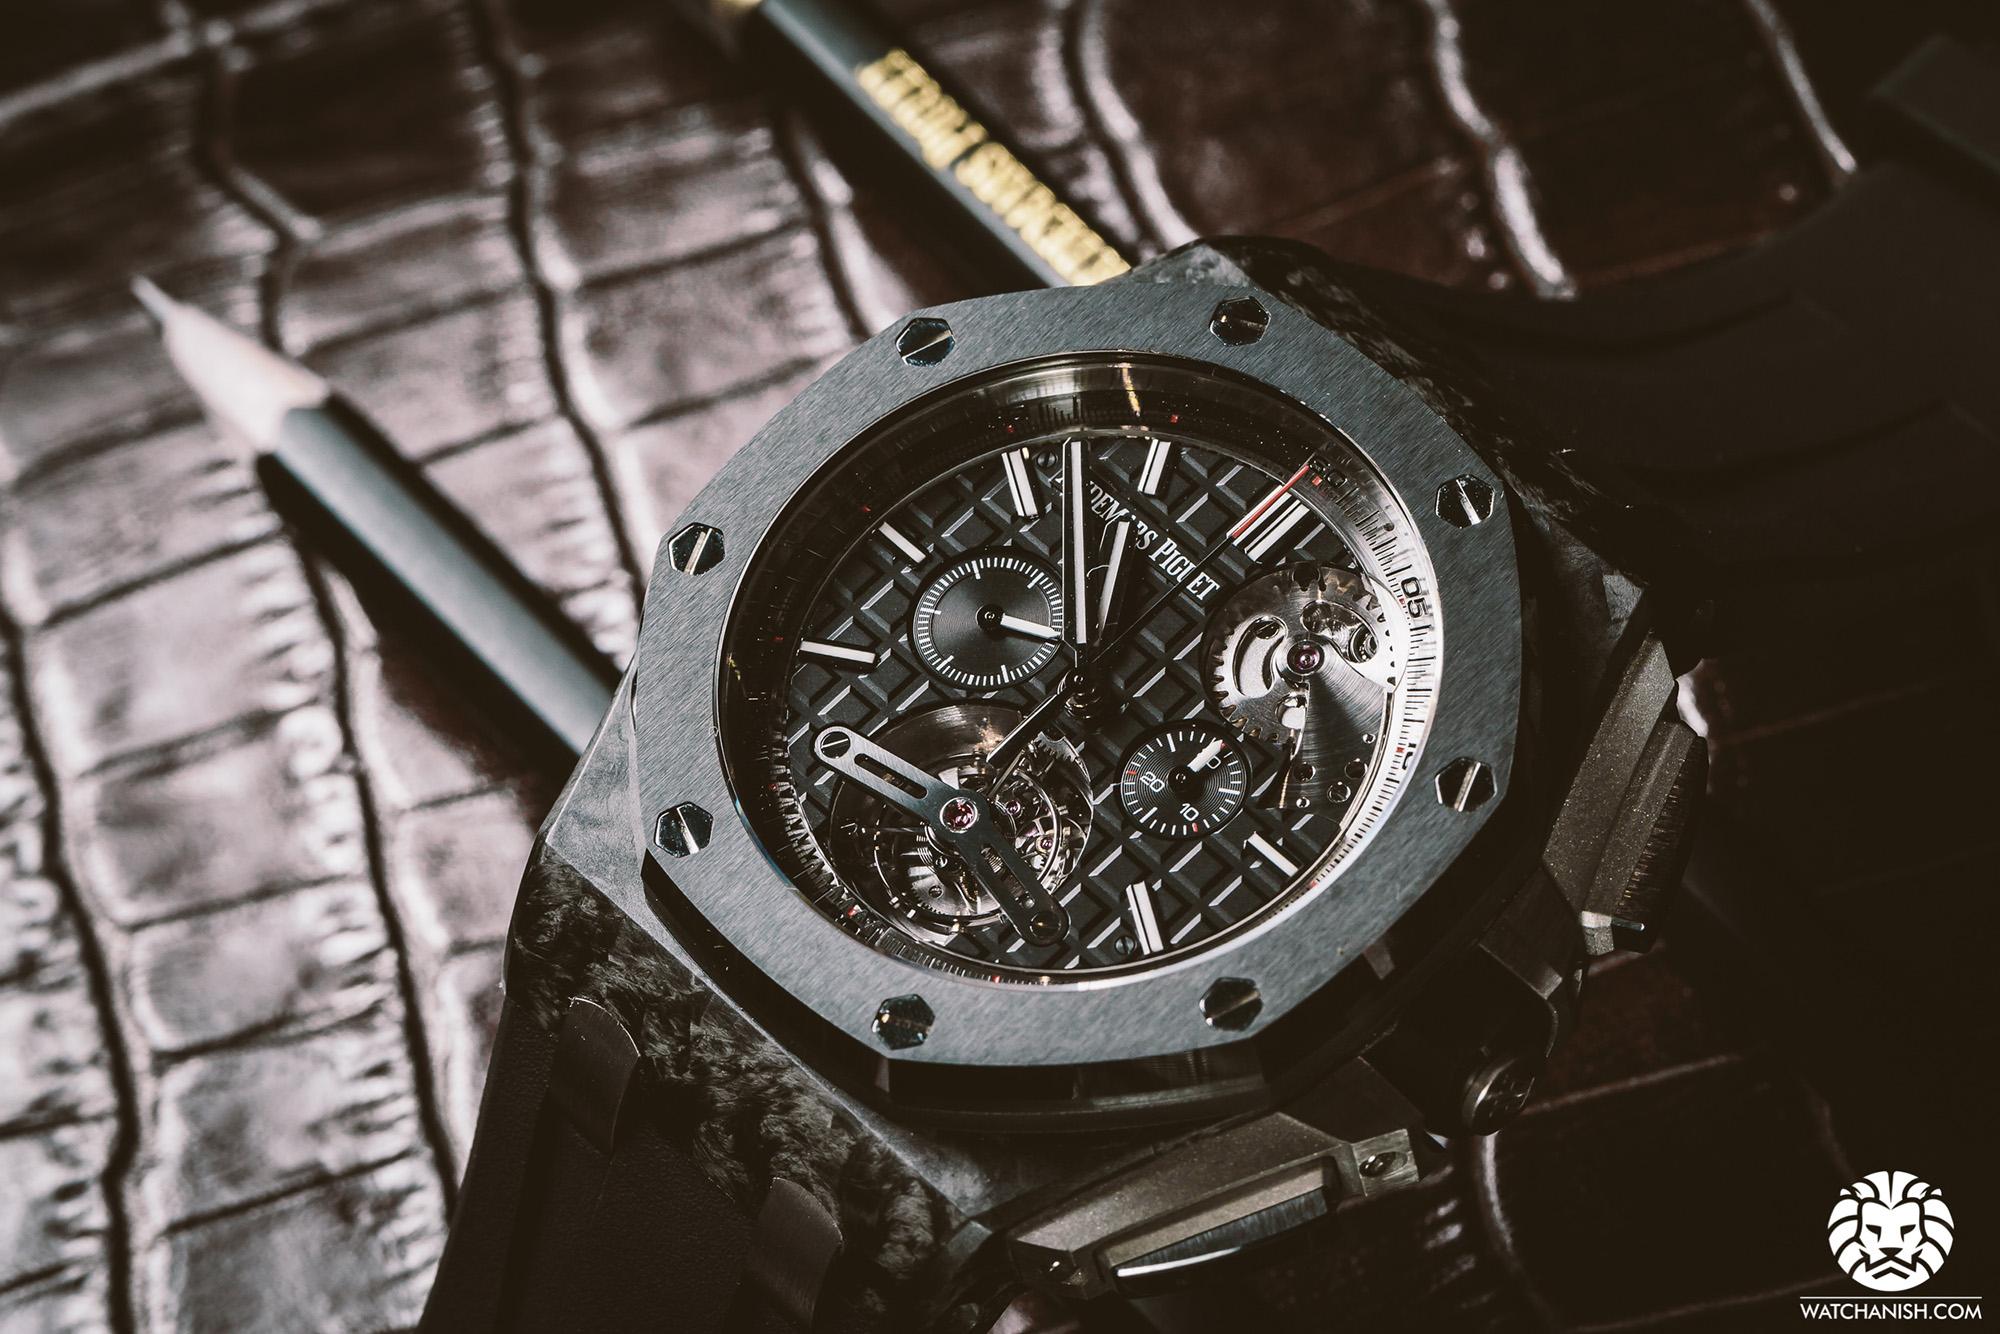 Audemars Piguet Royal Oak Offshore Tourbillon Chronograph